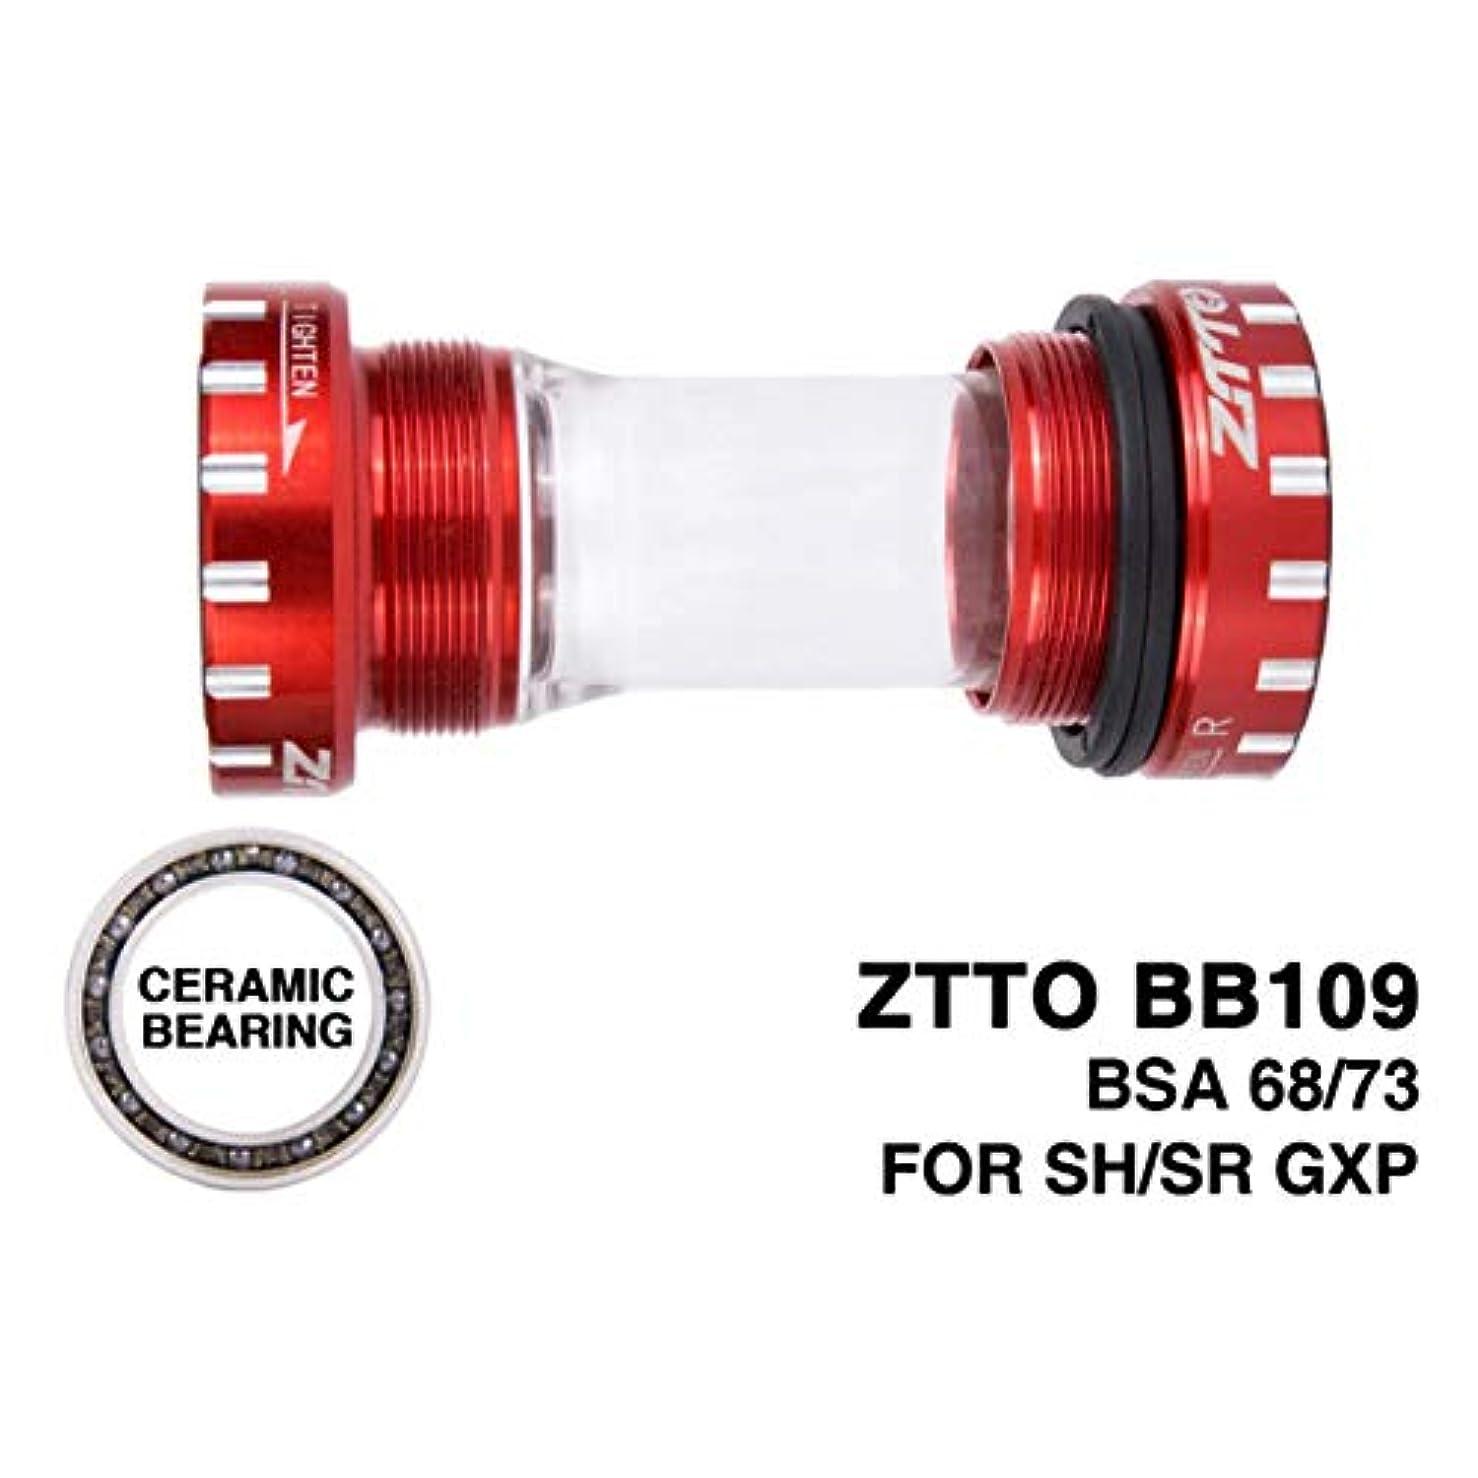 遠近法ジャンプアスペクトDeeploveUU セラミックベアリングBB109 BB68 BSA68 GXP MTBロードバイク外部ベアリングボトムブラケットプラウエル24 mm BB 22 mm GXPクランクセット